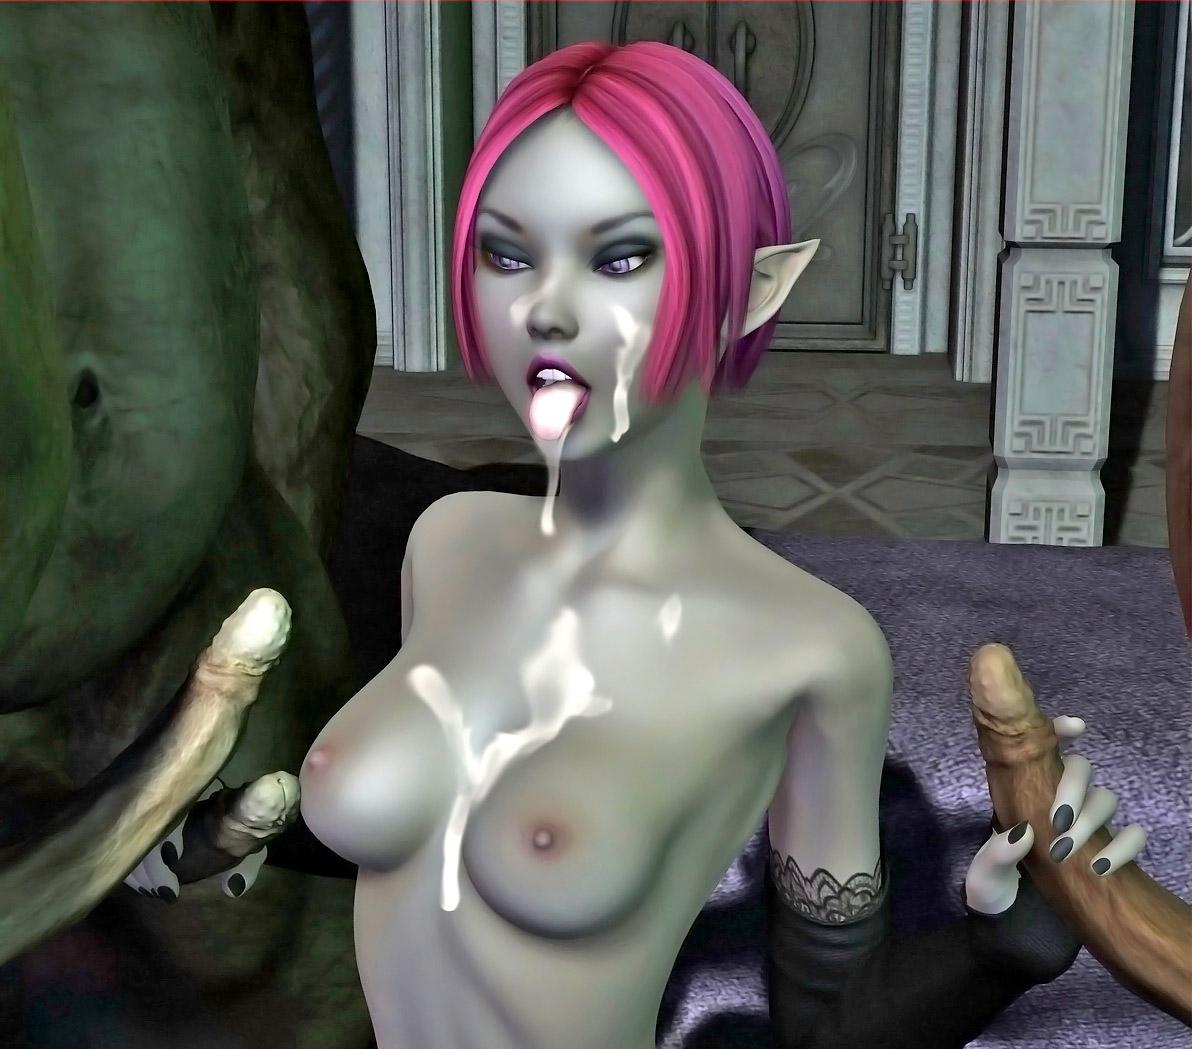 Hot elf monster porn exploited gallery